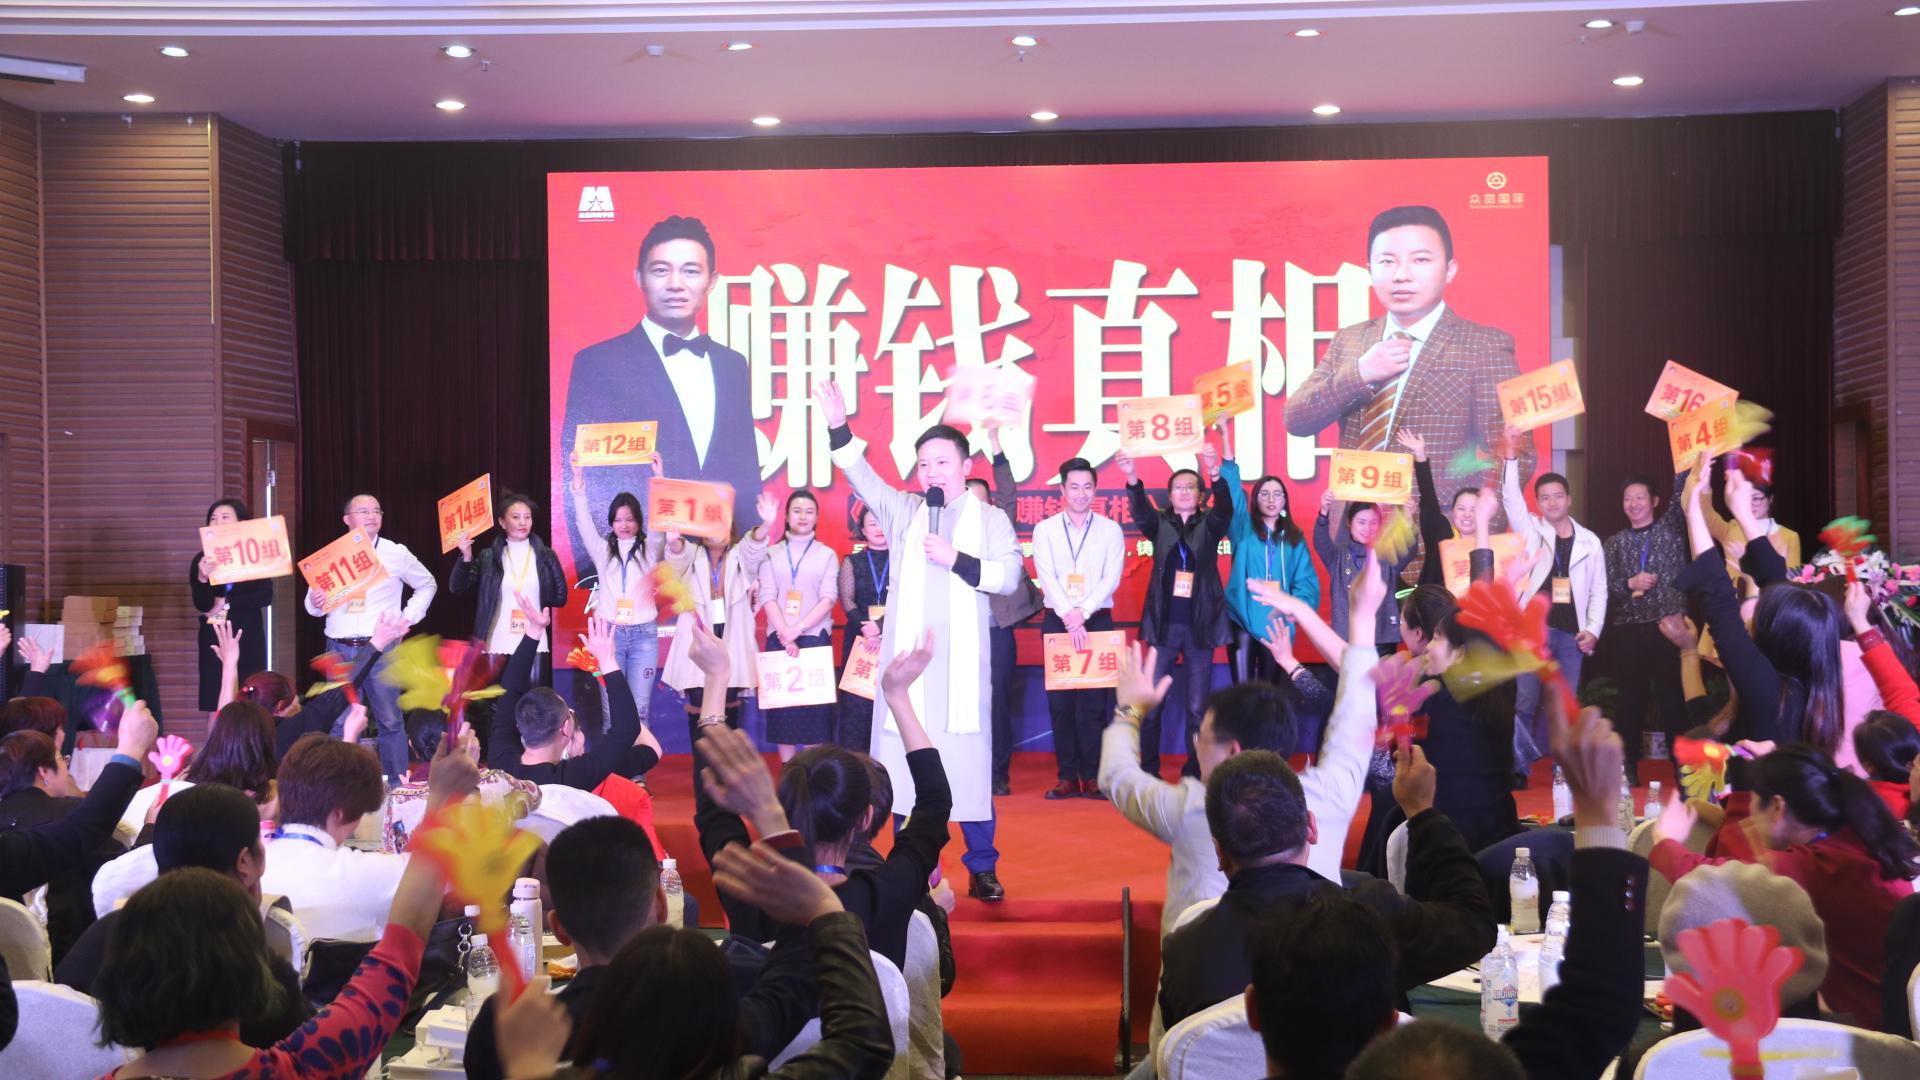 中国企业未来之路在哪里?